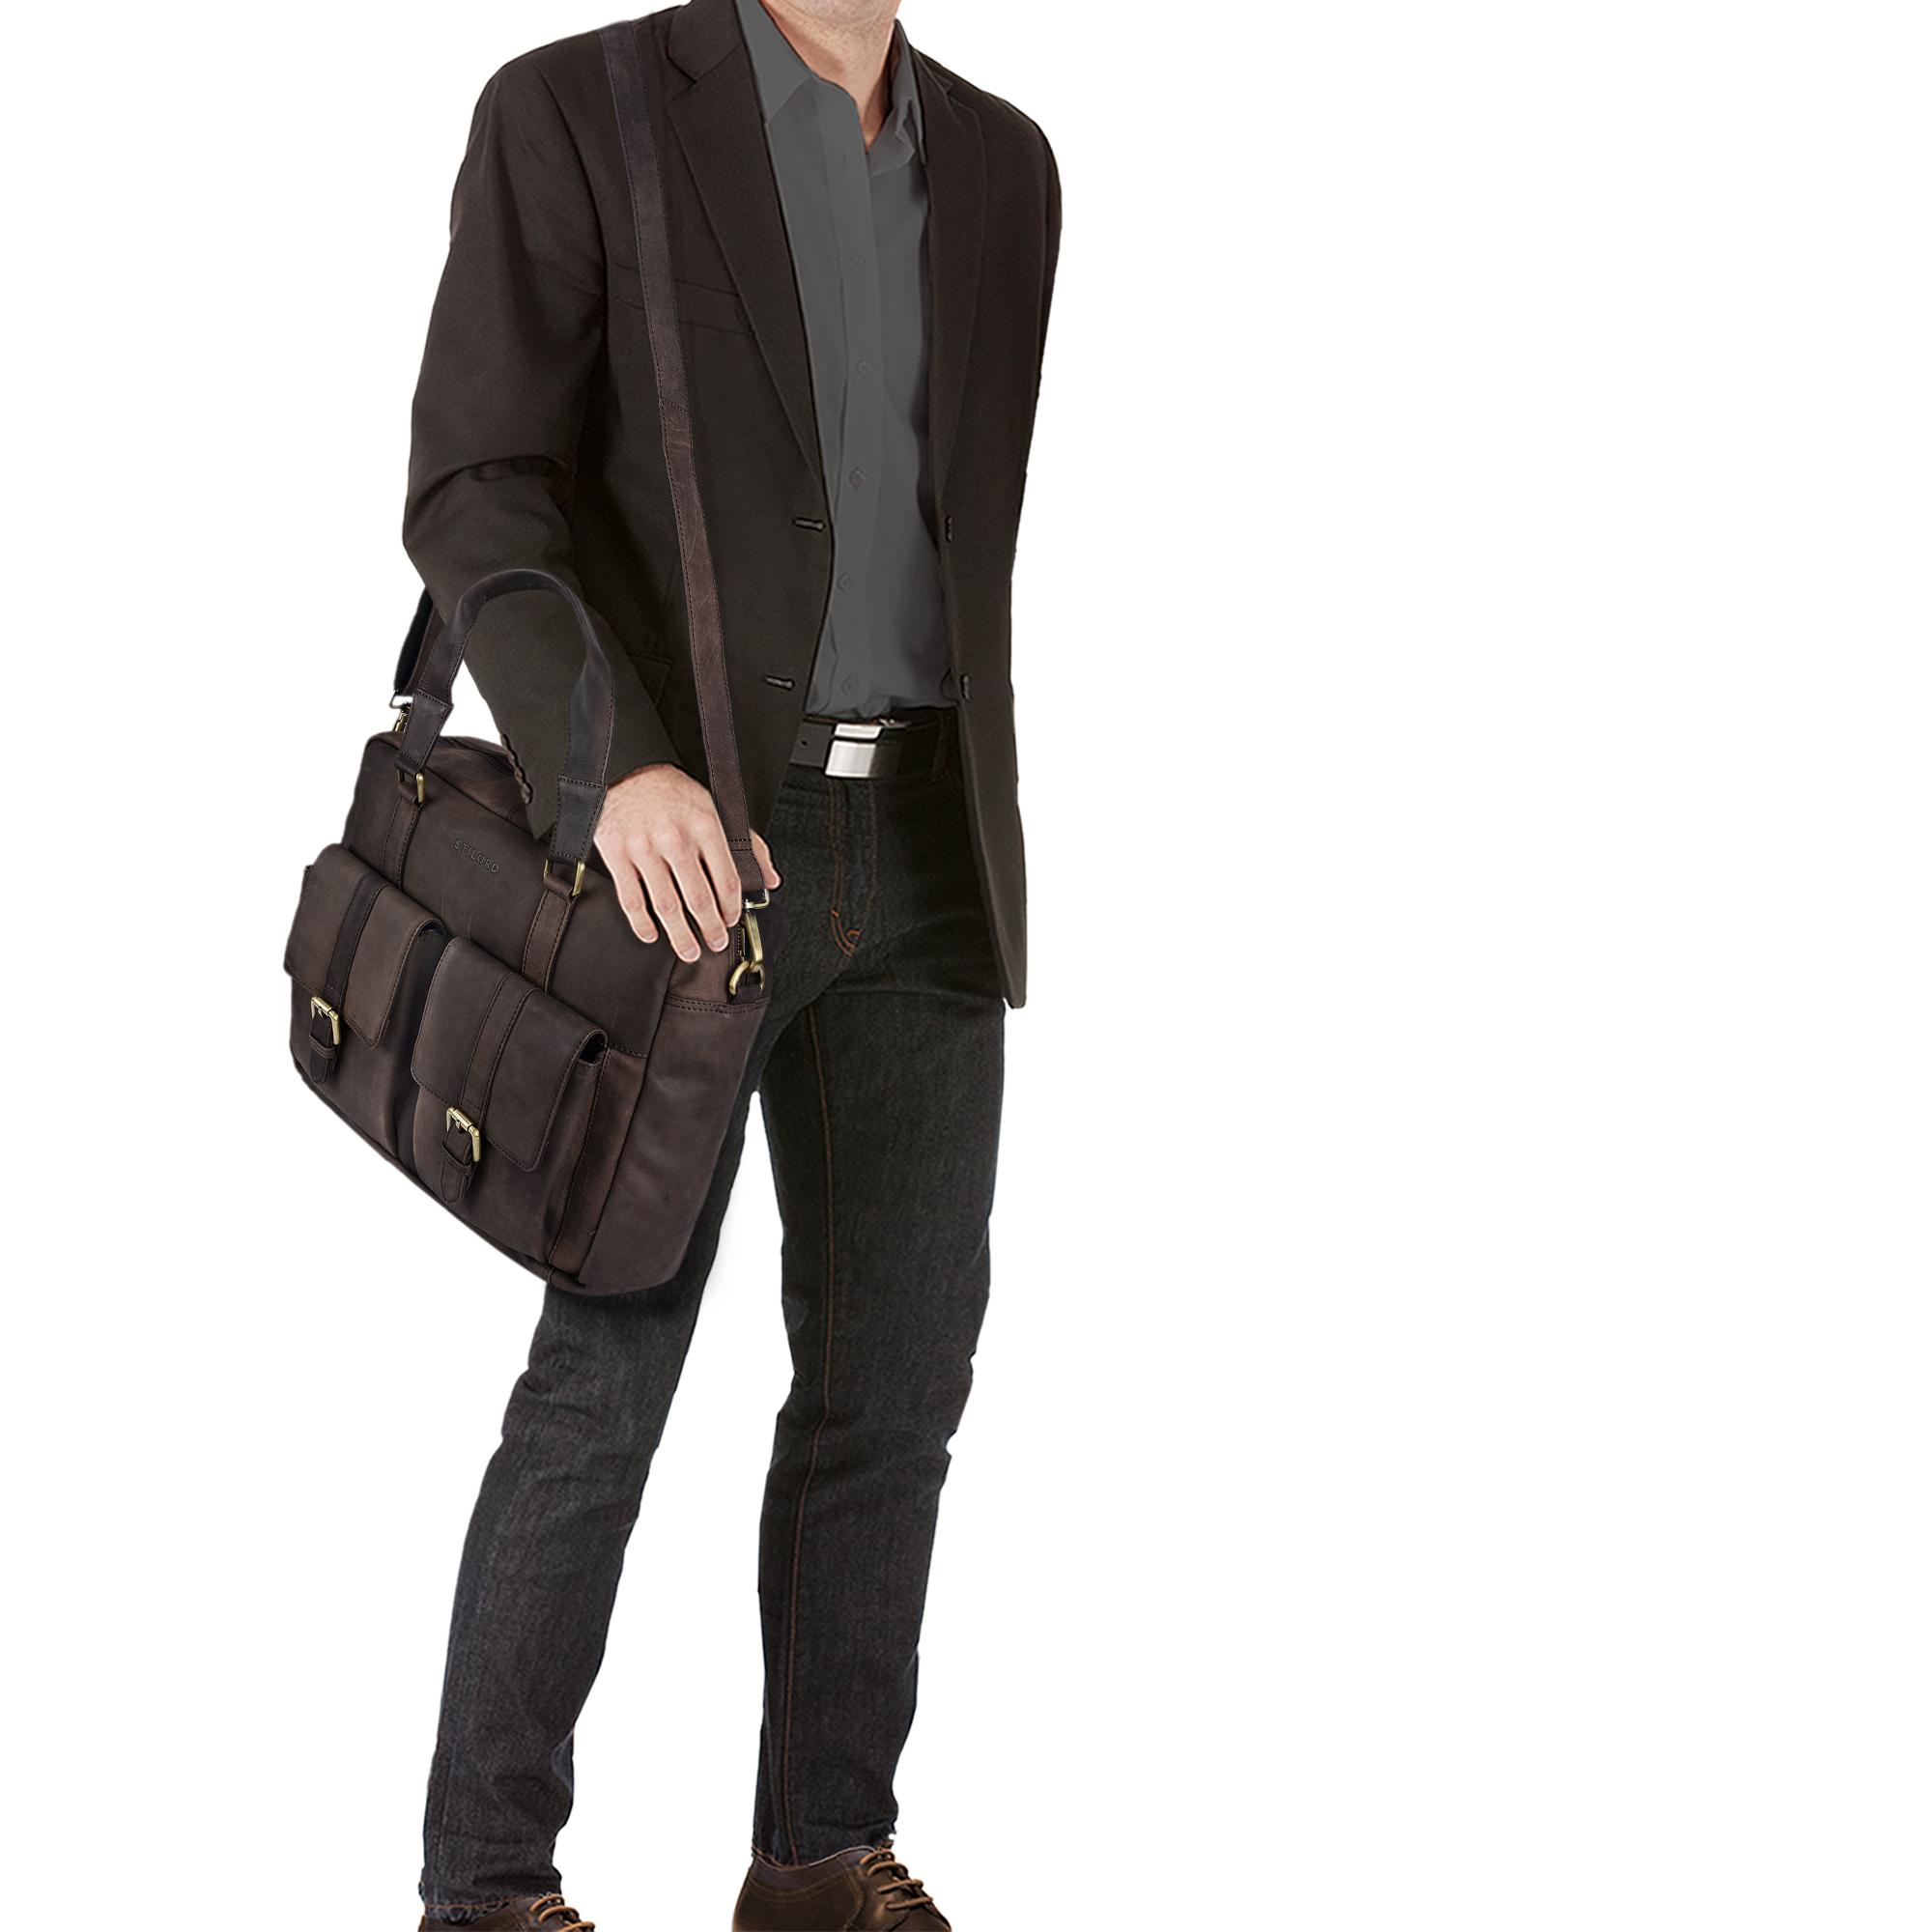 """STILORD """"Vitus"""" Ledertasche Männer Frauen braun tragbar als Vintage Umhängetasche große Handtasche mit 15.6 Zoll Laptopfach ideal als College Bag Bürotasche Aktentasche - Bild 16"""